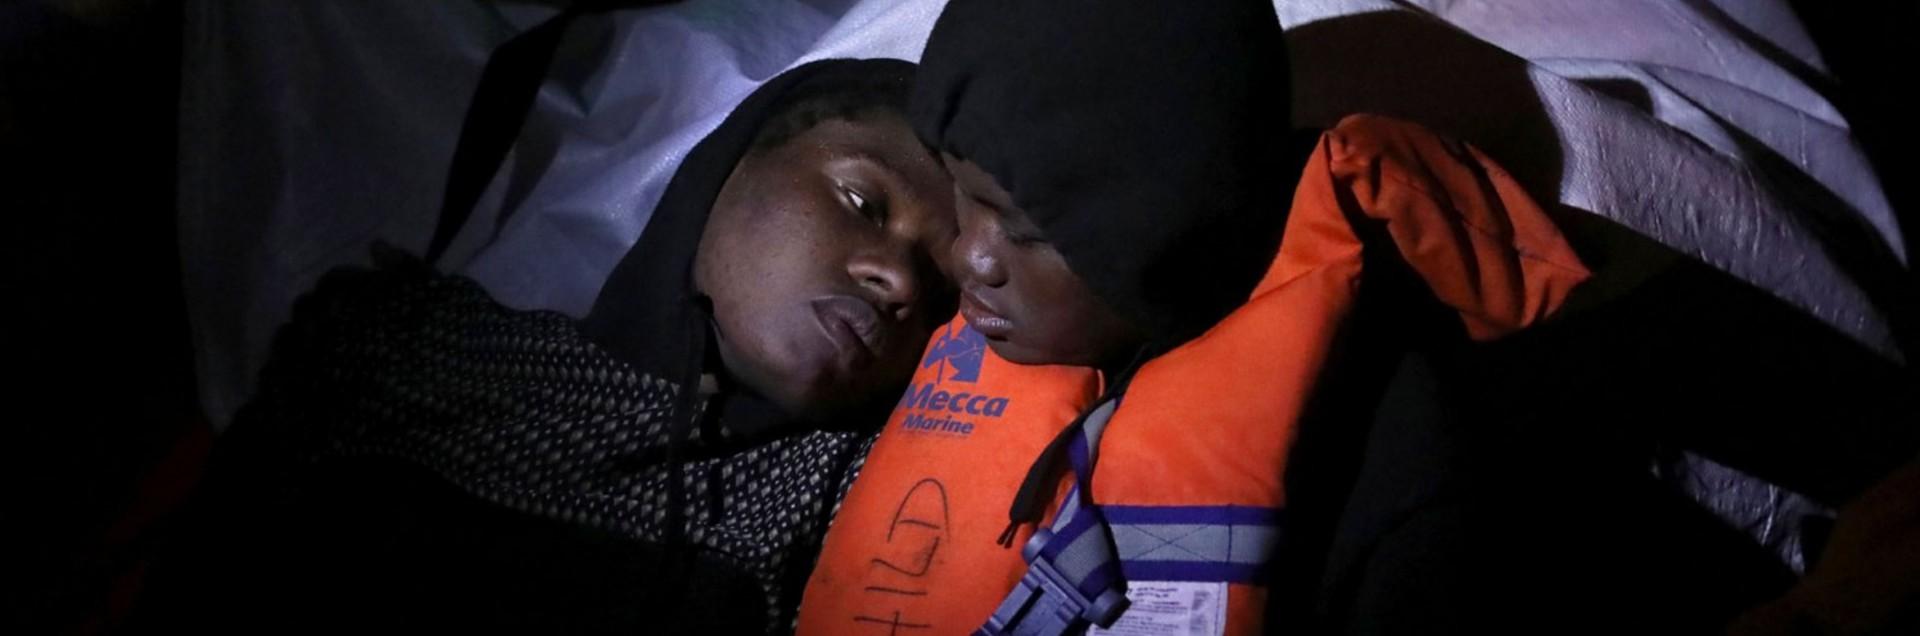 Migranti che tornano a casa